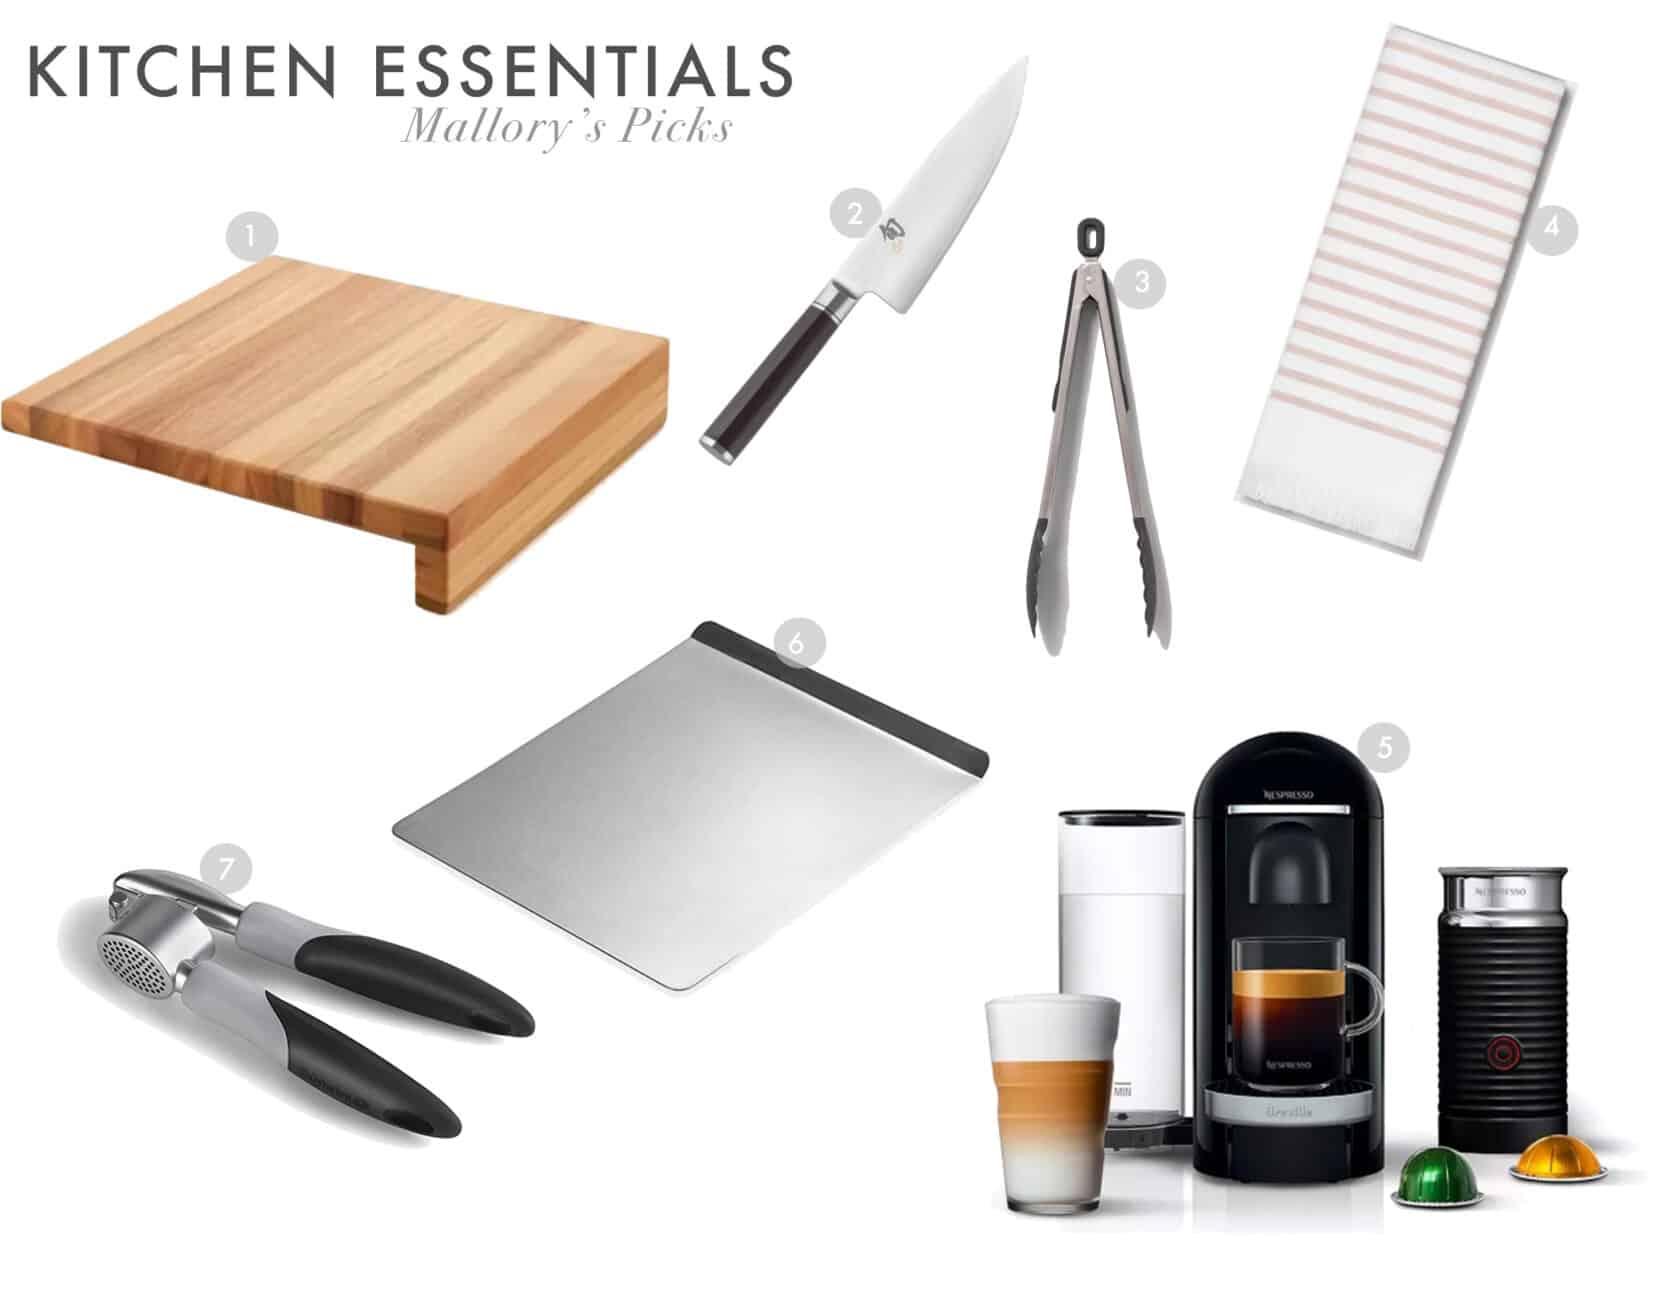 Emily Henderson Kitchen Essentials Mallorys Picks 2